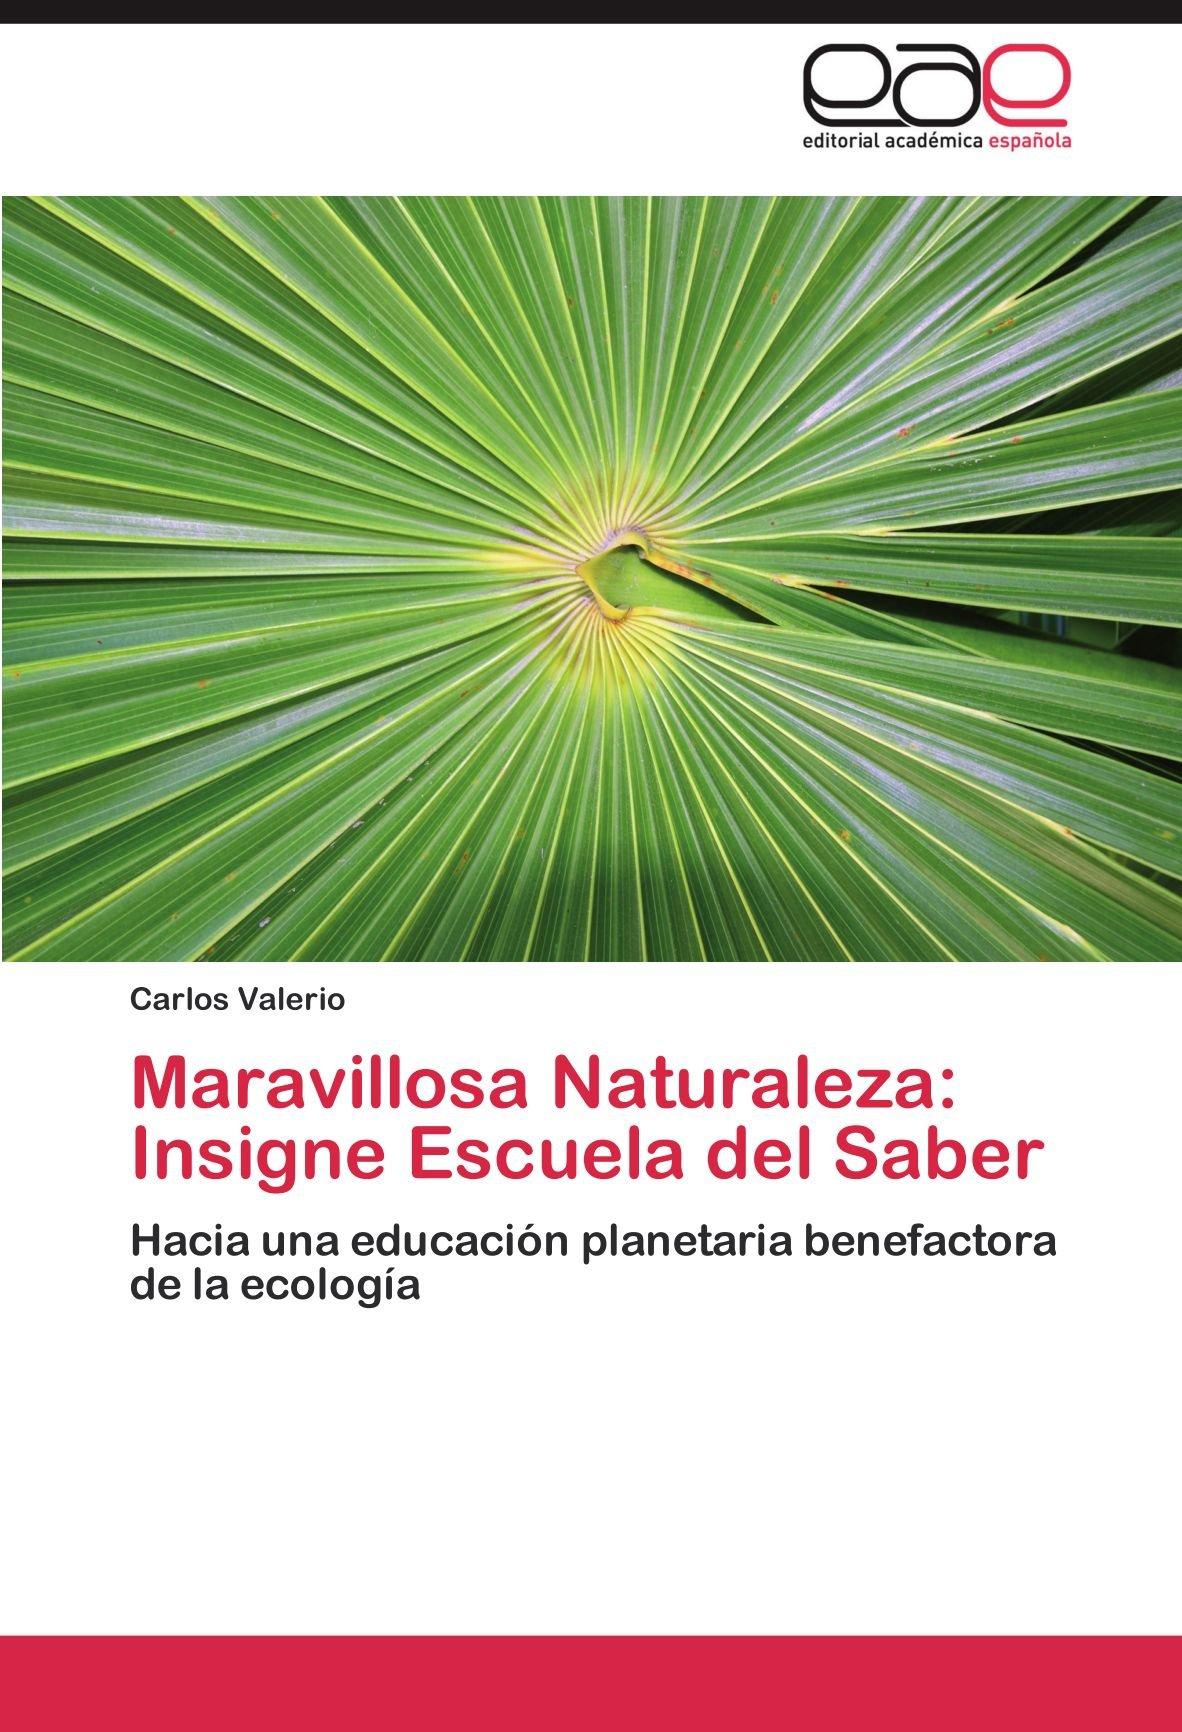 Maravillosa Naturaleza: Insigne Escuela del Saber: Amazon.es: Valerio, Carlos: Libros